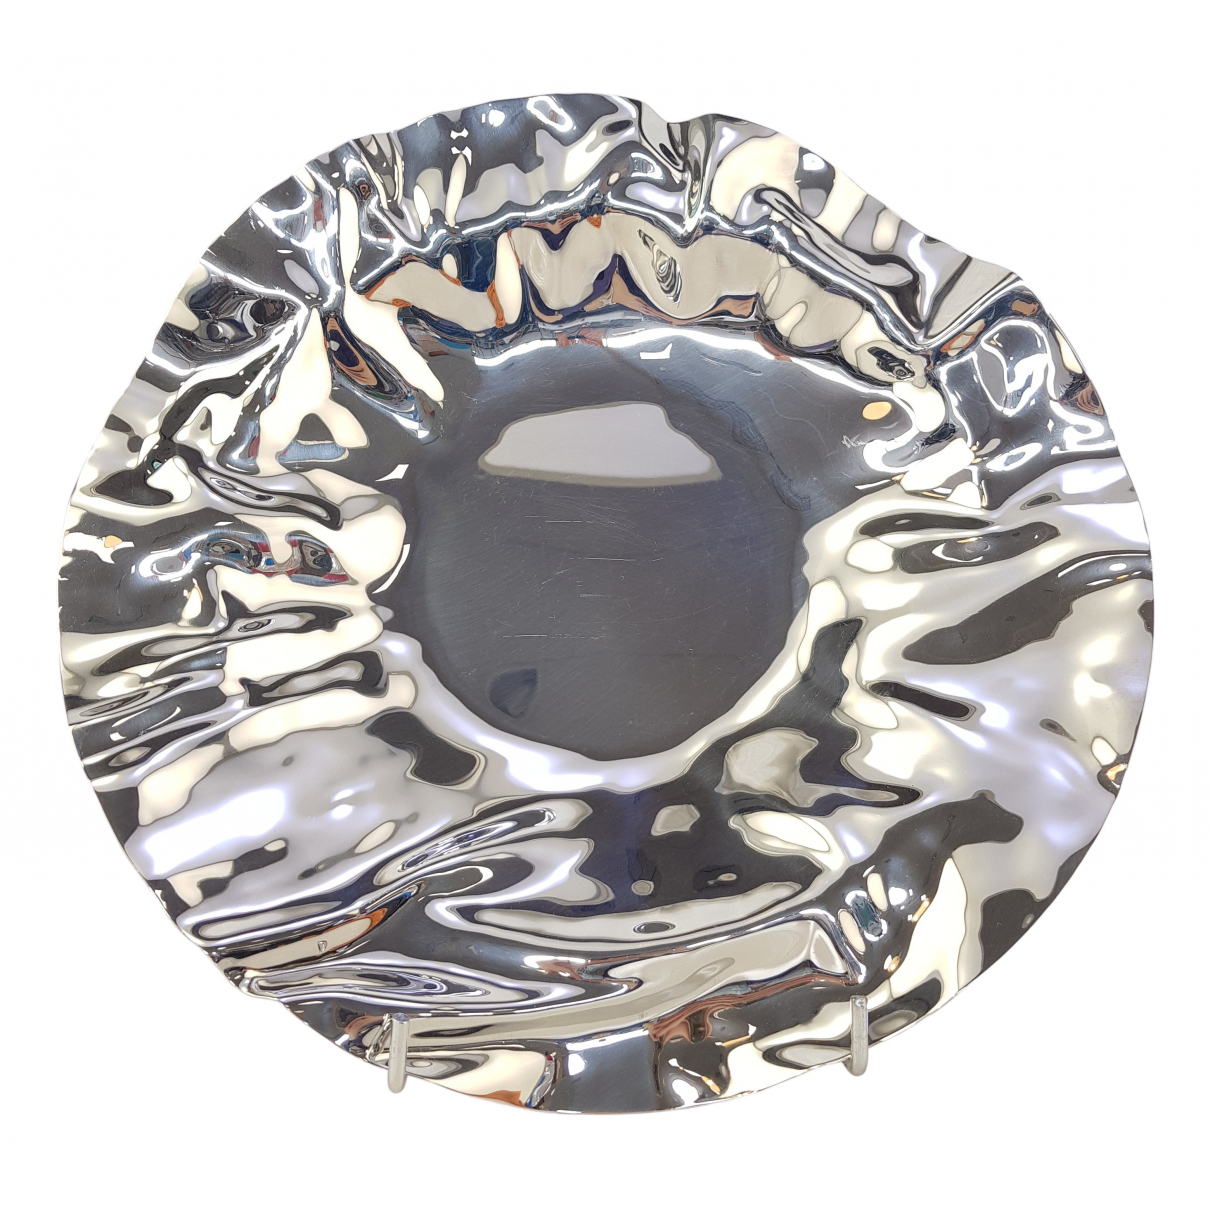 Alessi \N Tischkultur in  Silber Stahl